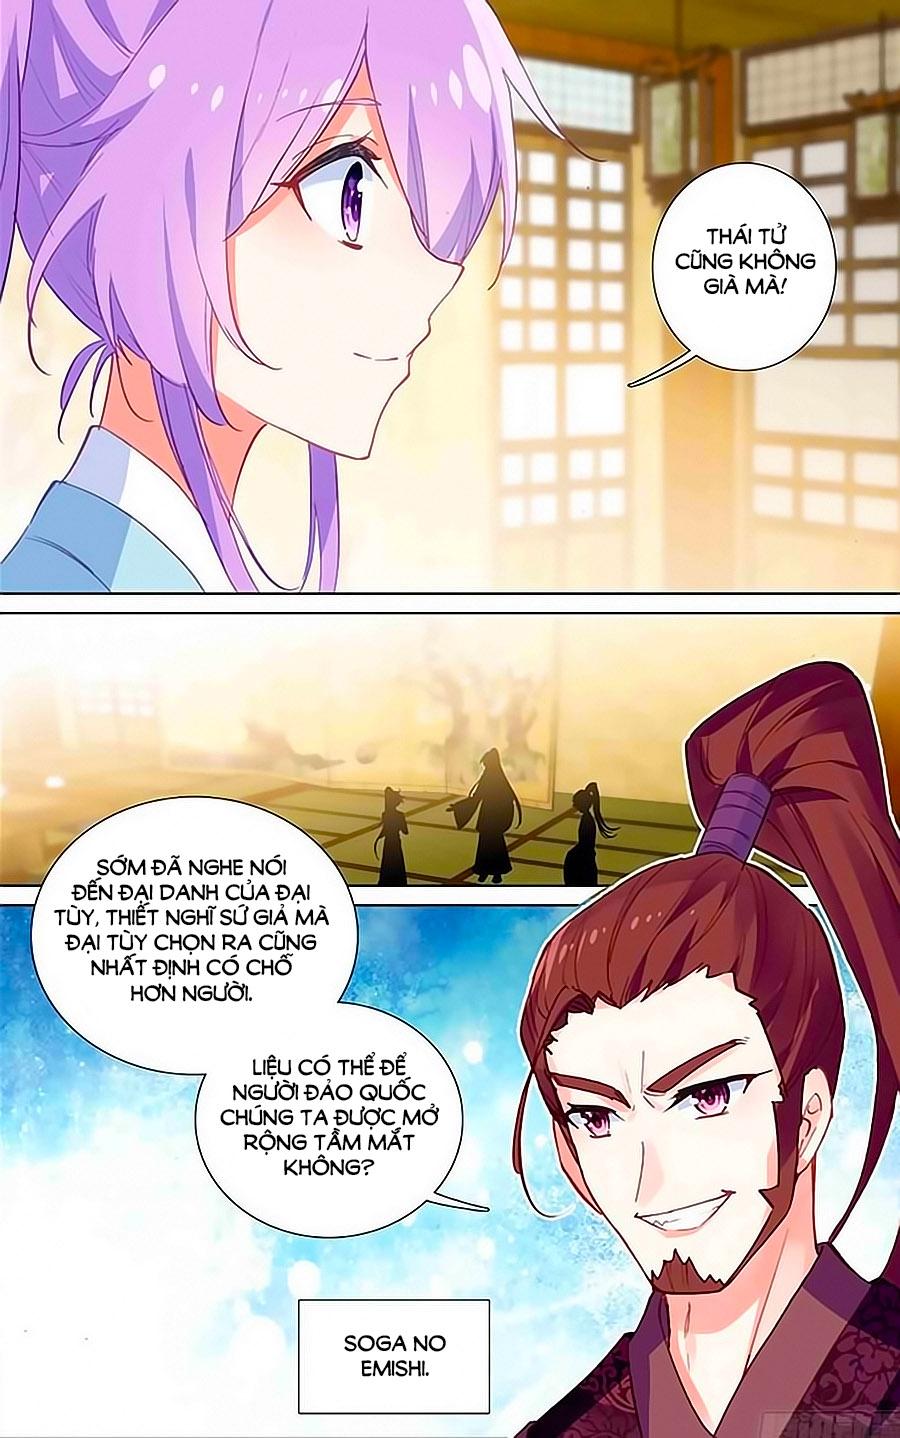 Lưu Niên Chuyển - Chap 20.3